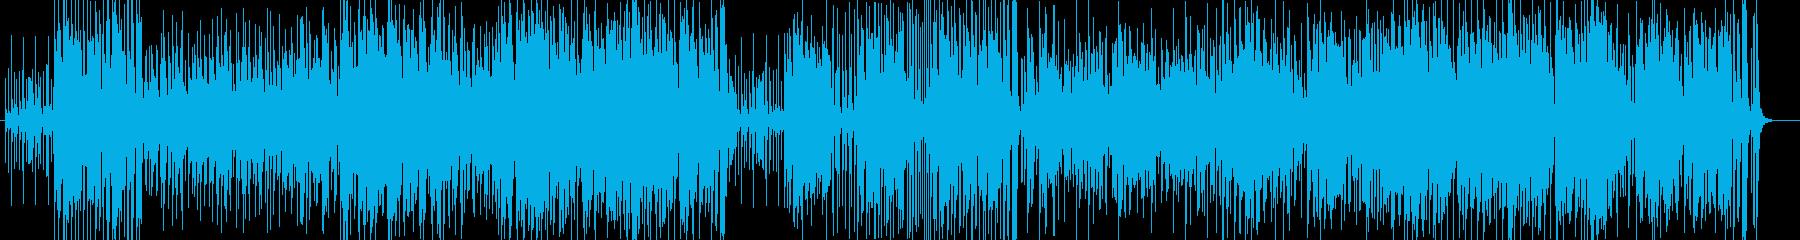 軽快なリズムが楽しいワールドミュージックの再生済みの波形